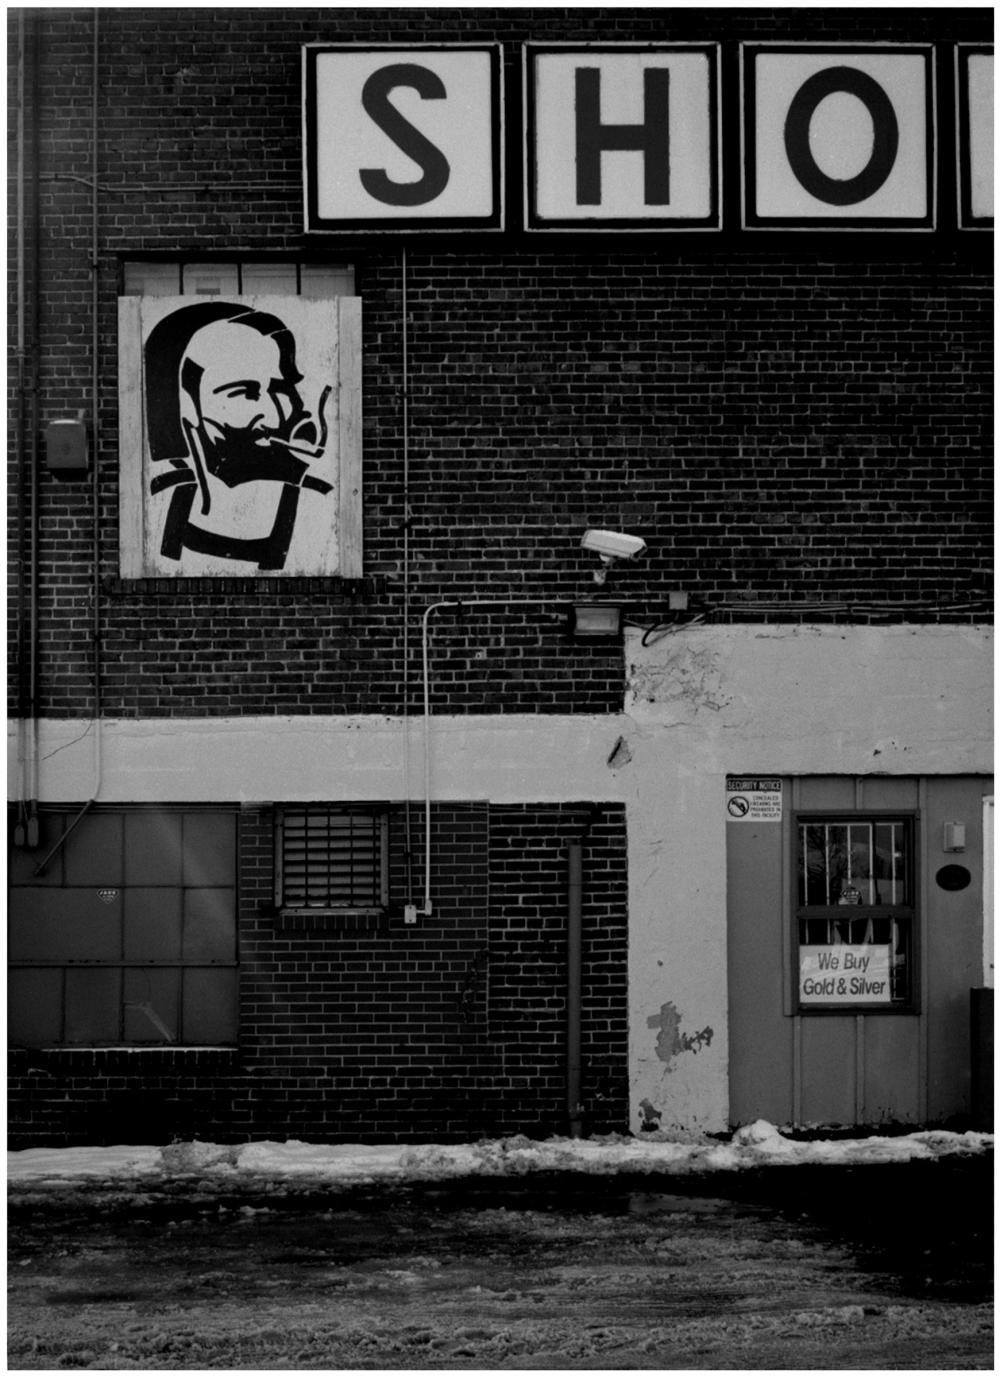 zig zag man - grant edwards photography